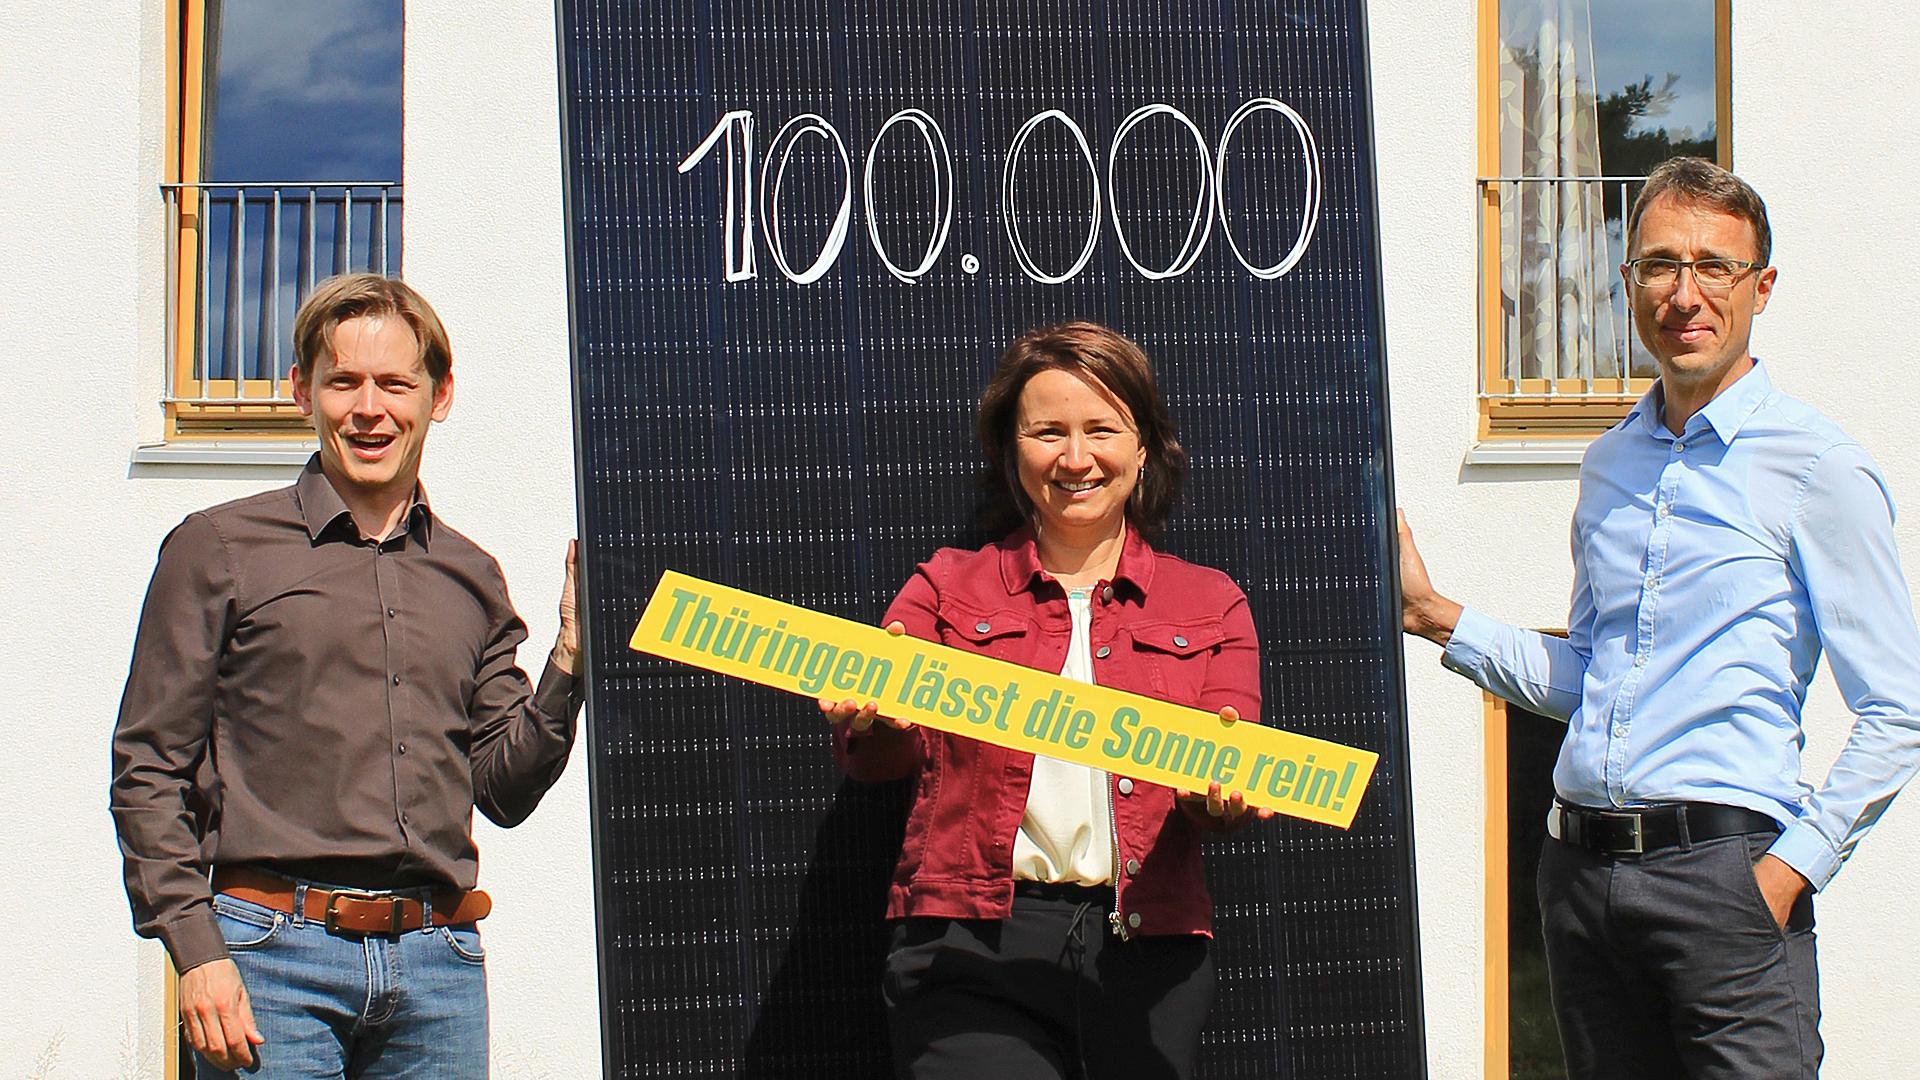 Thüringen lässt die Sonne rein – gemeinsam für 100.000 Solaranlagen